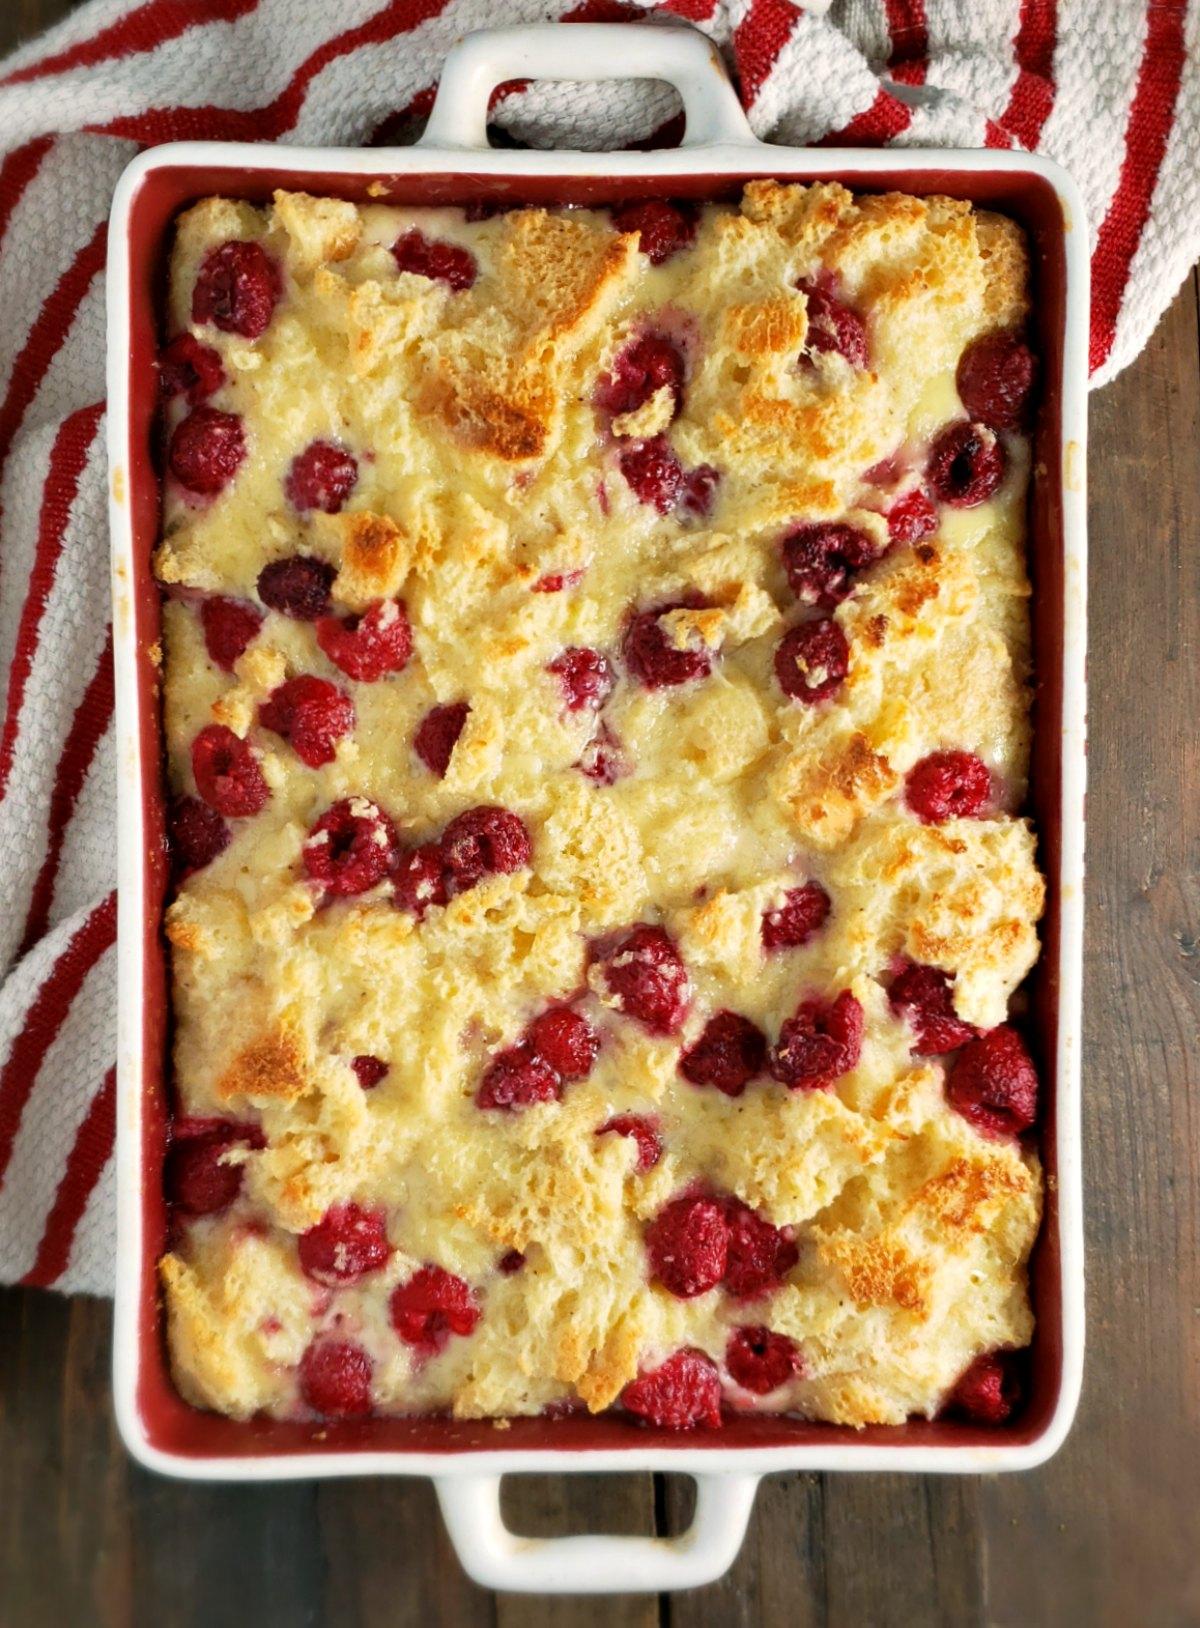 White Chocolate Raspberry Bread Pudding With Amaretto